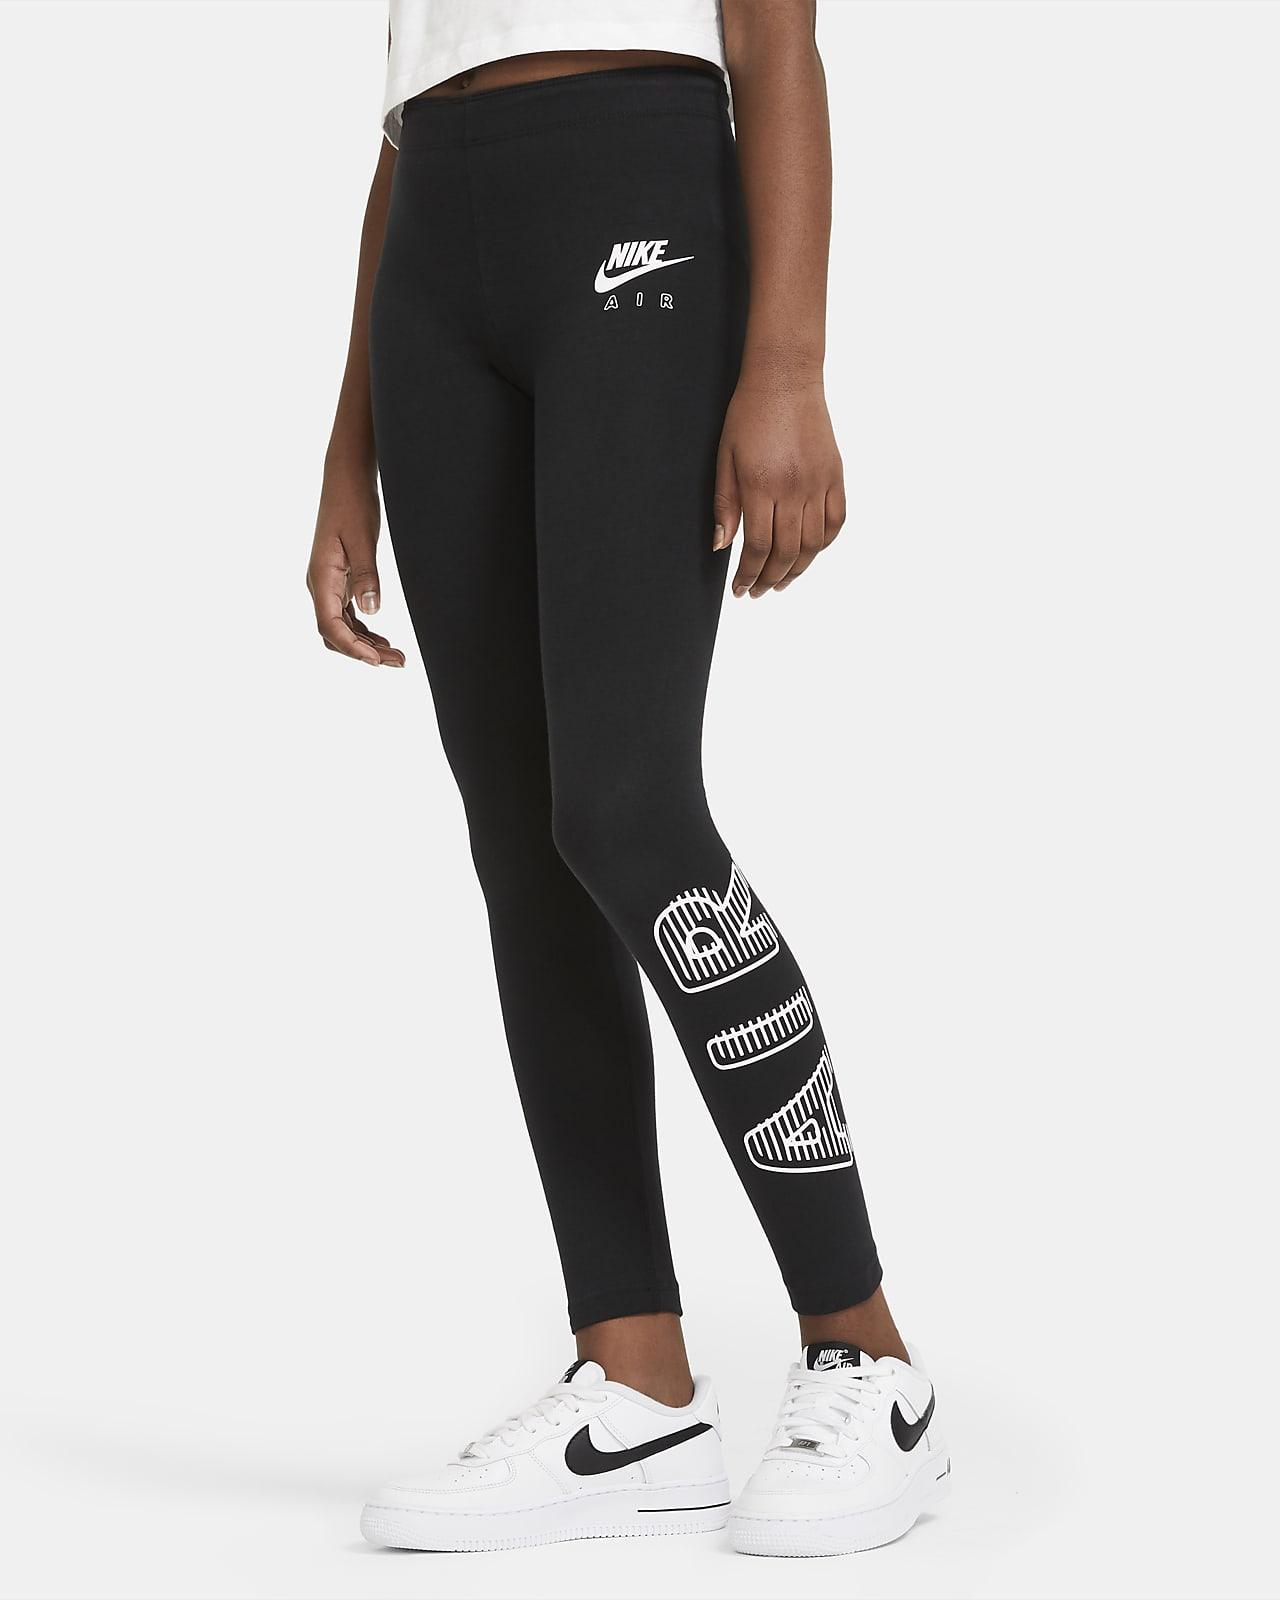 เลกกิ้งเด็กโต Nike Air (หญิง)